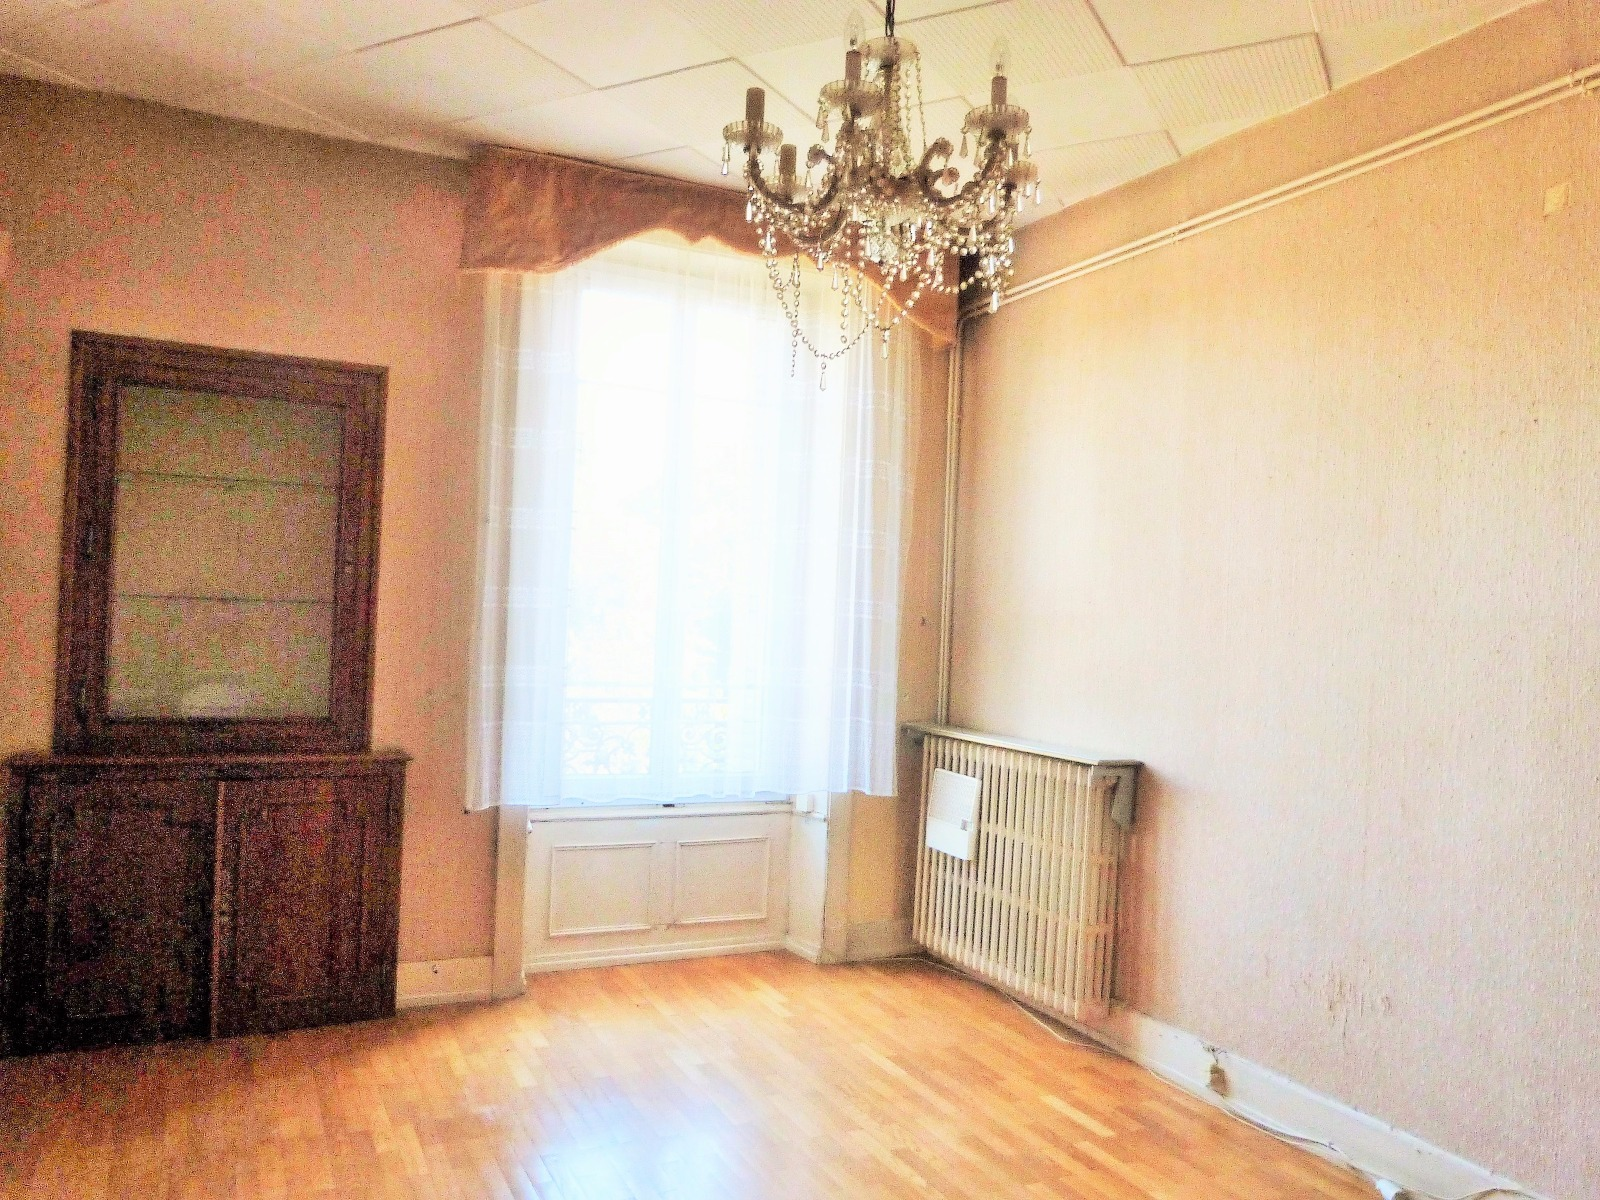 Lons Le Saunier Centre Jura 39000 Appartement 100m 178 Env